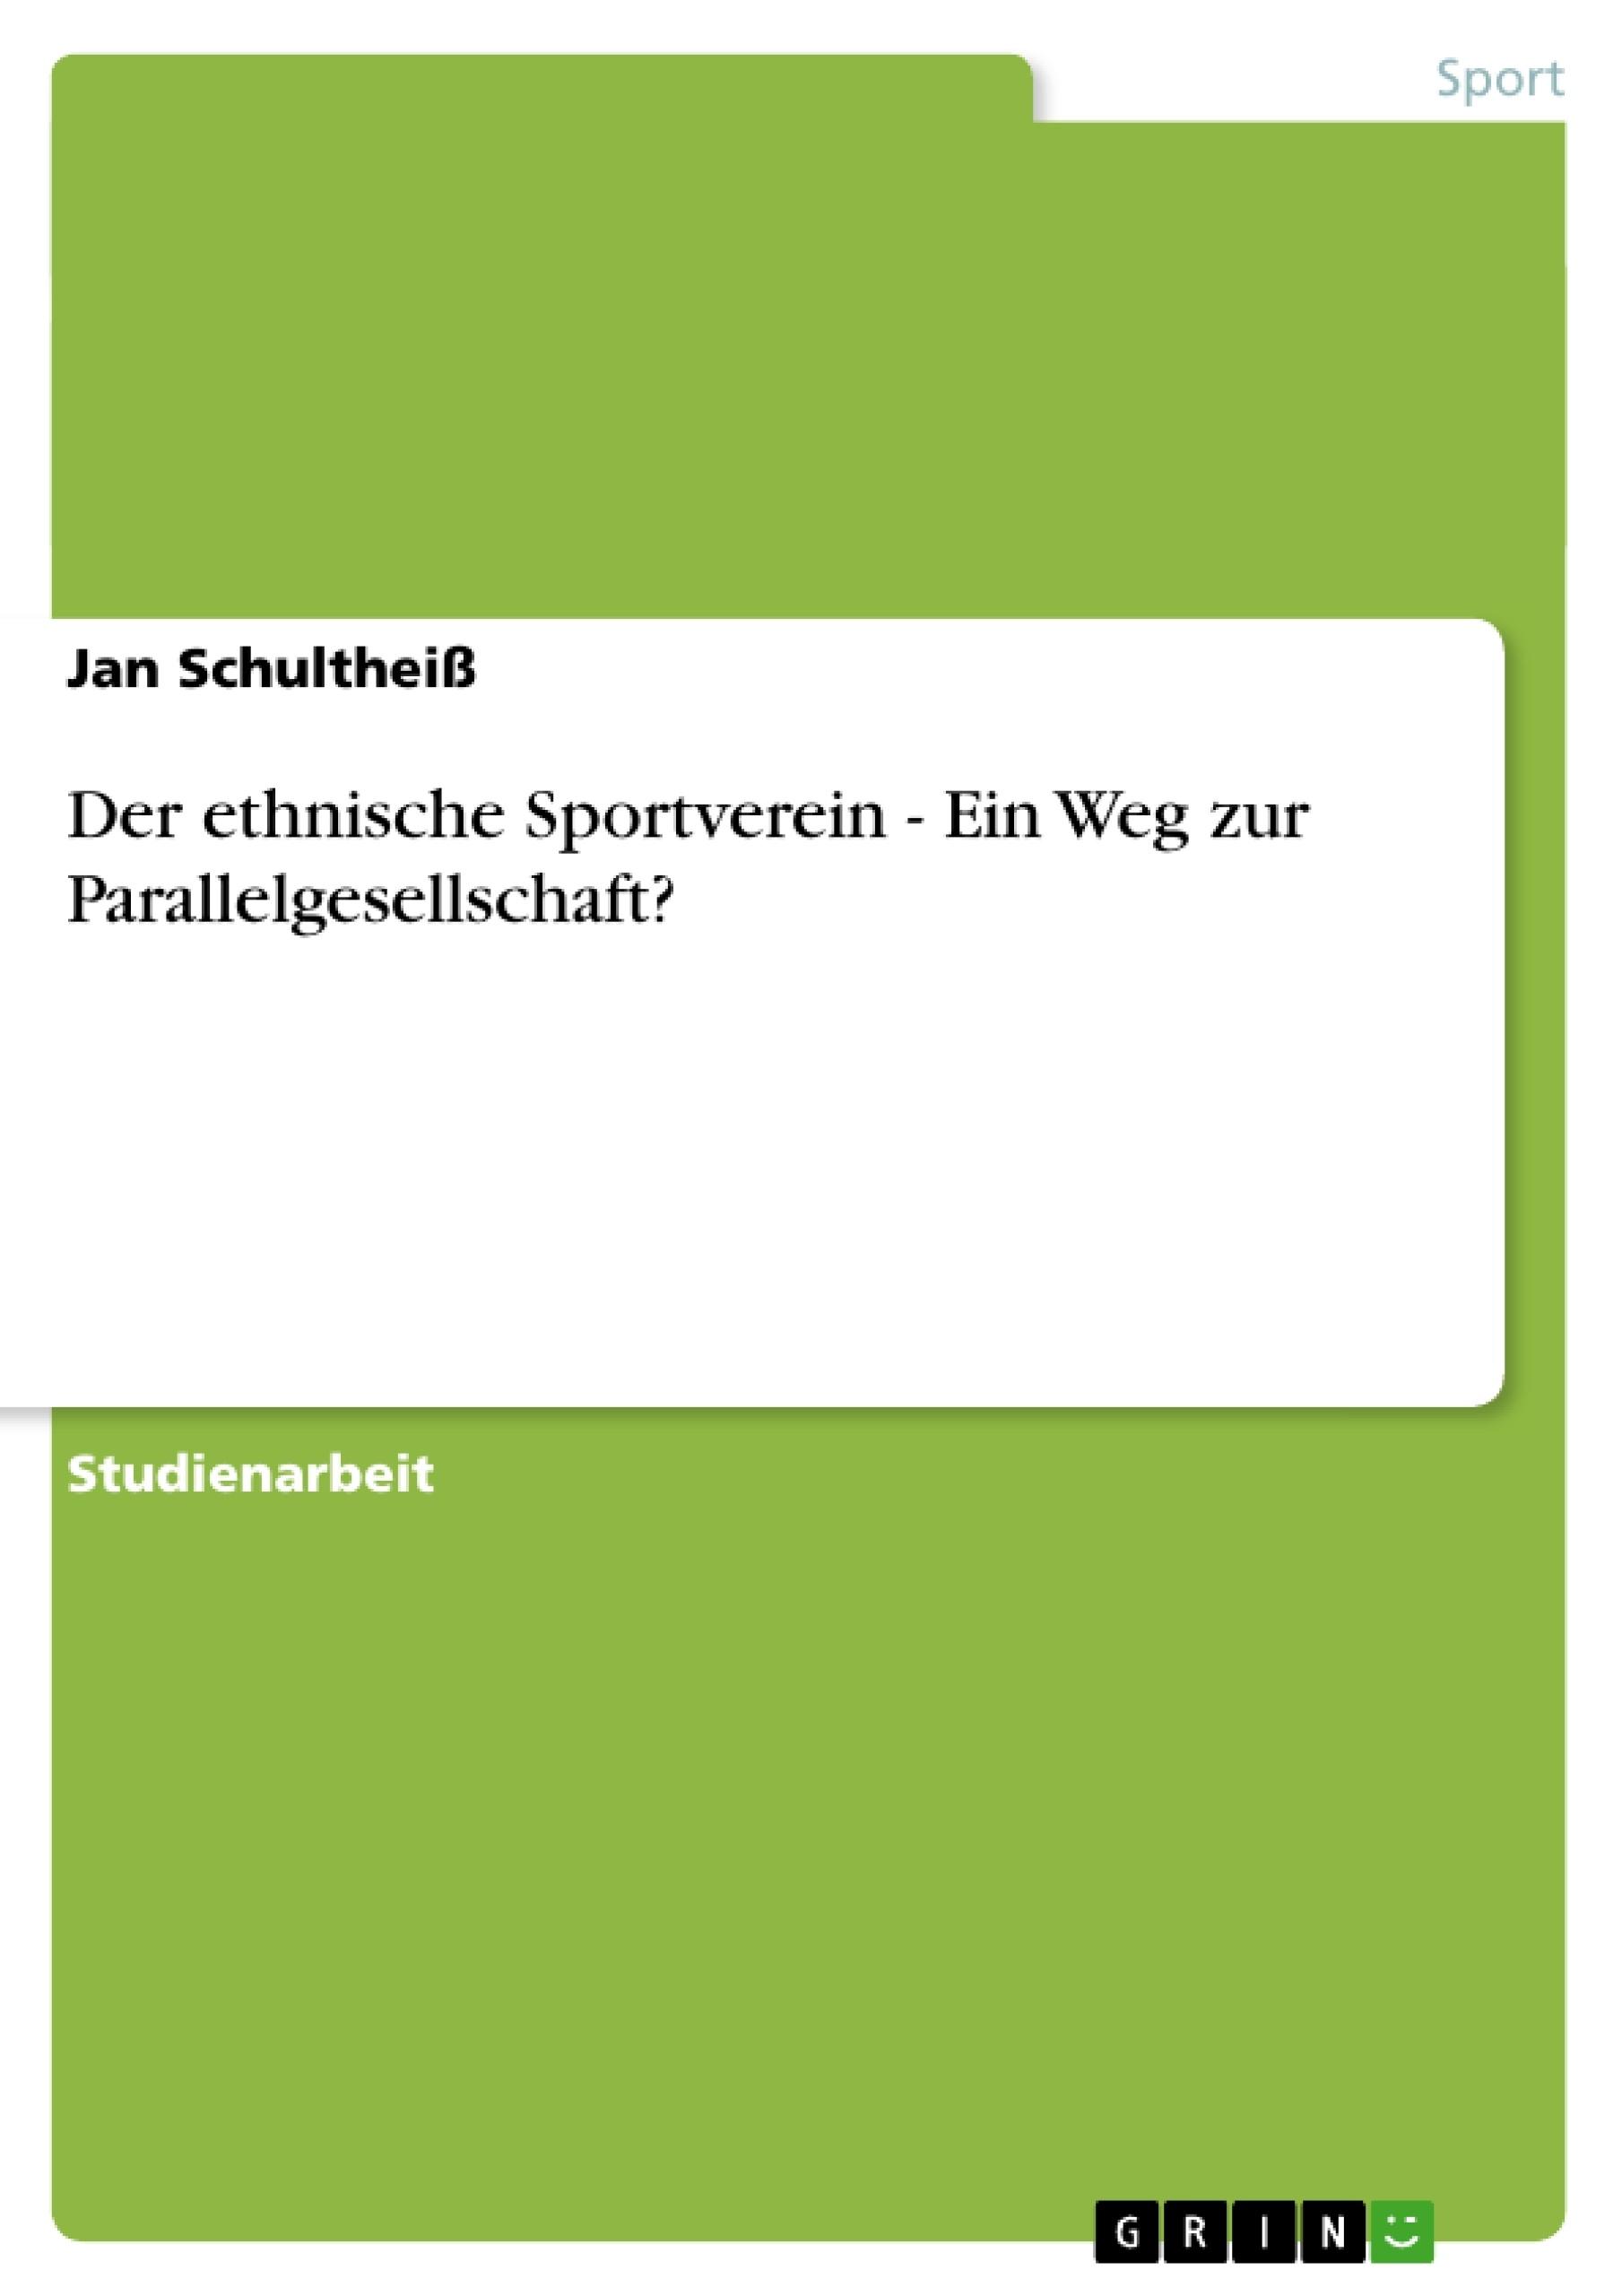 Titel: Der ethnische Sportverein - Ein Weg zur Parallelgesellschaft?